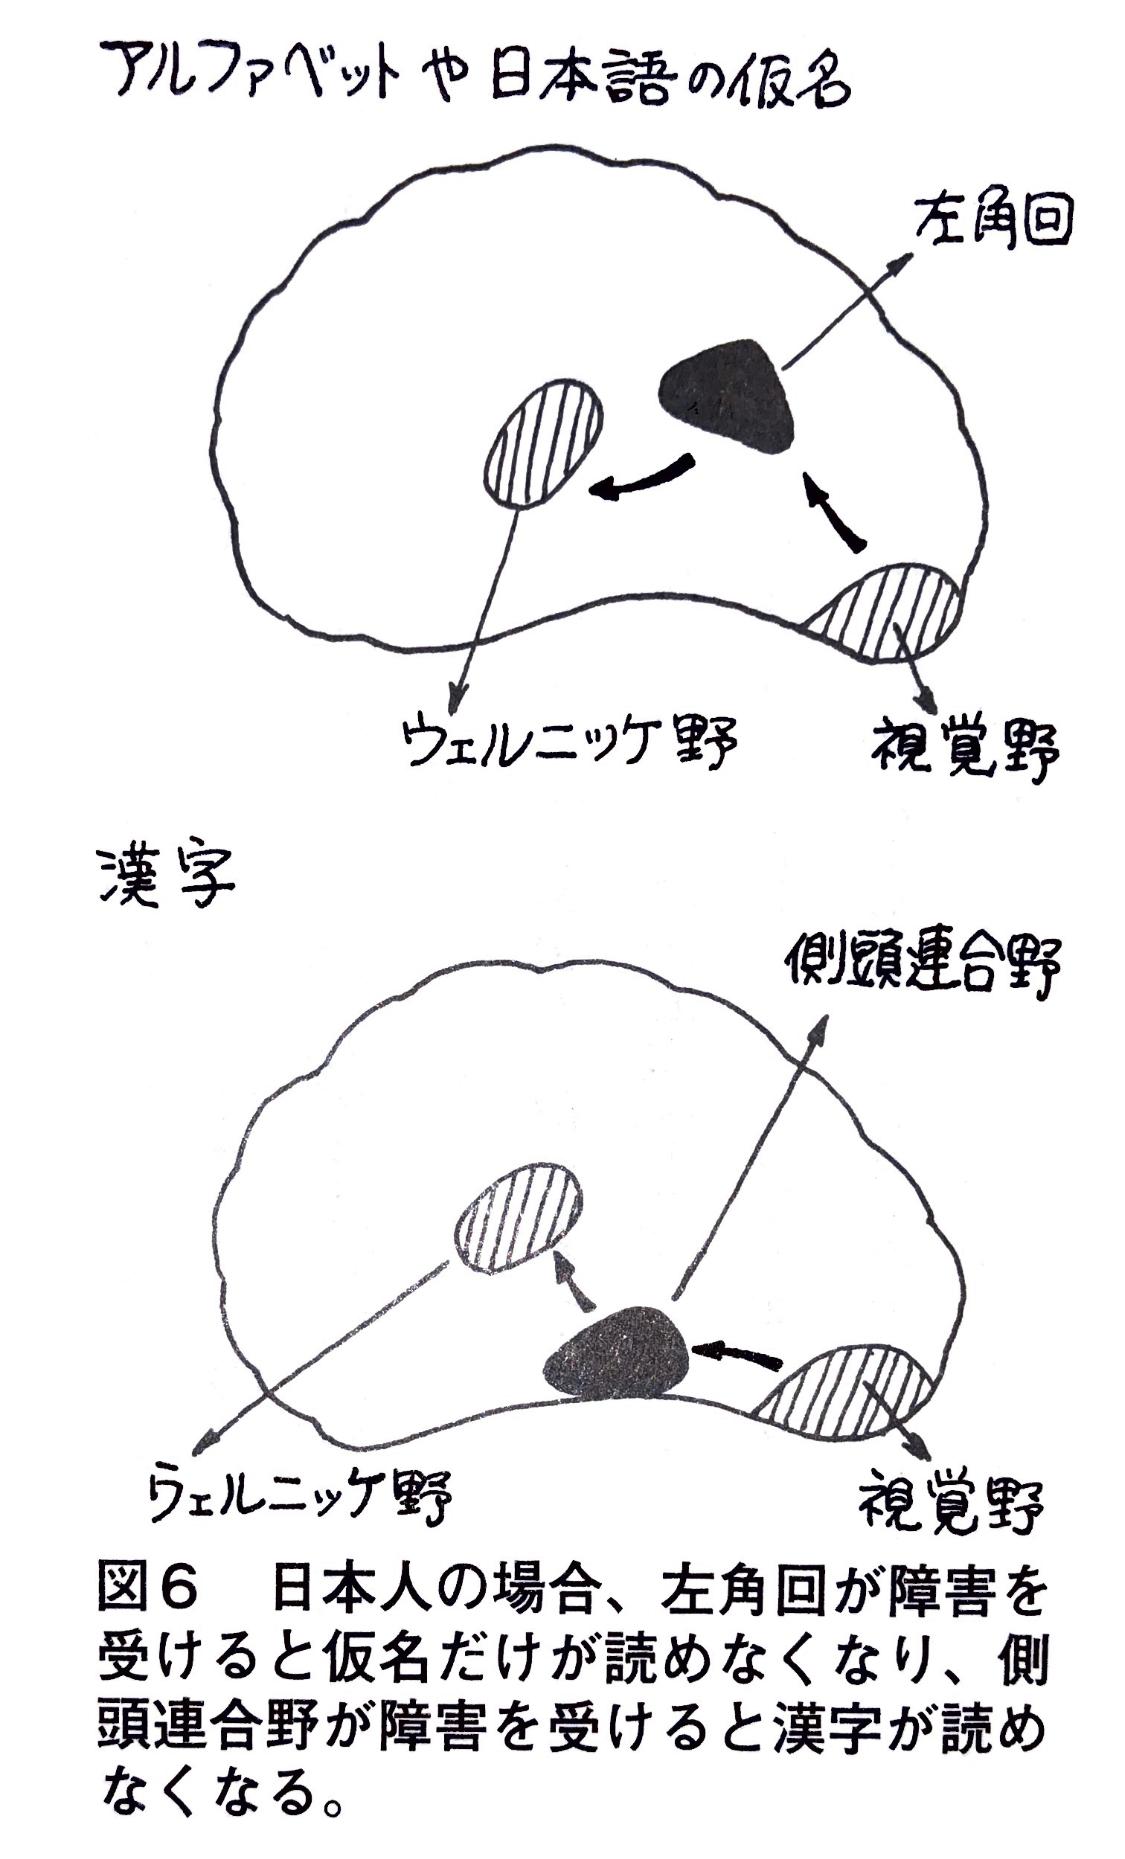 アルファベットや日本語の仮名.jpg